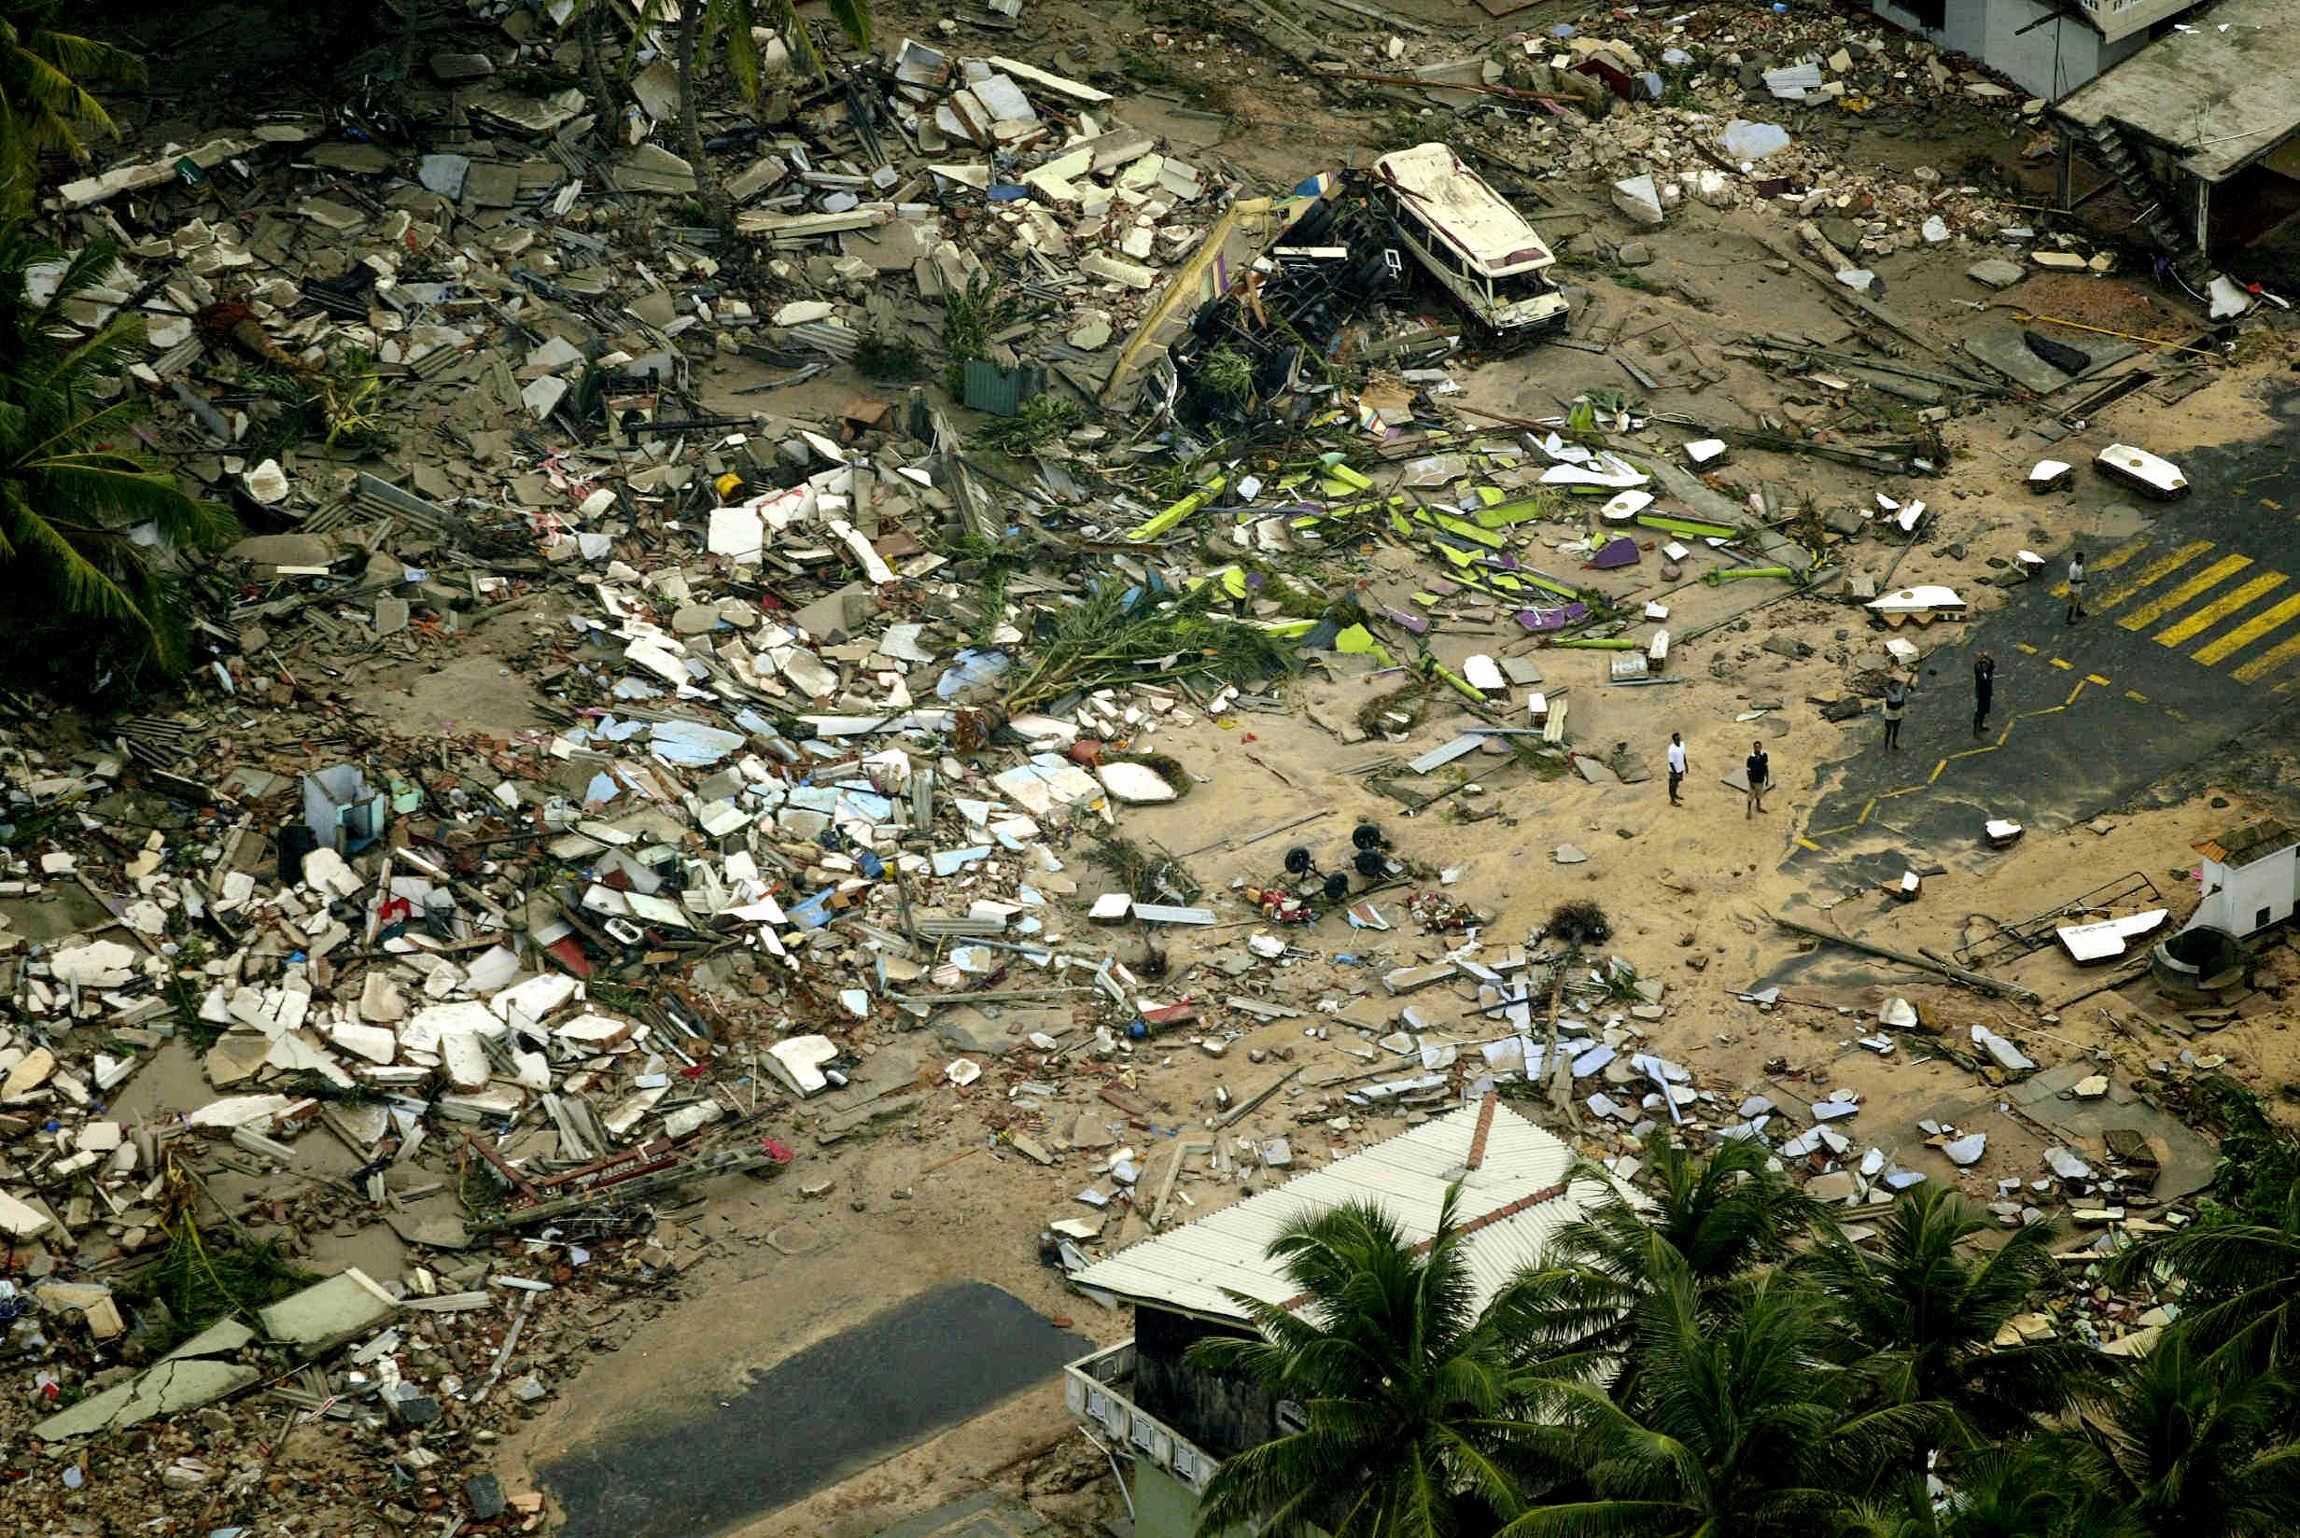 ENSZ: 50 százalékkal nőhet a nemzetközi humanitárius segélyre szorulók száma 2030-ra